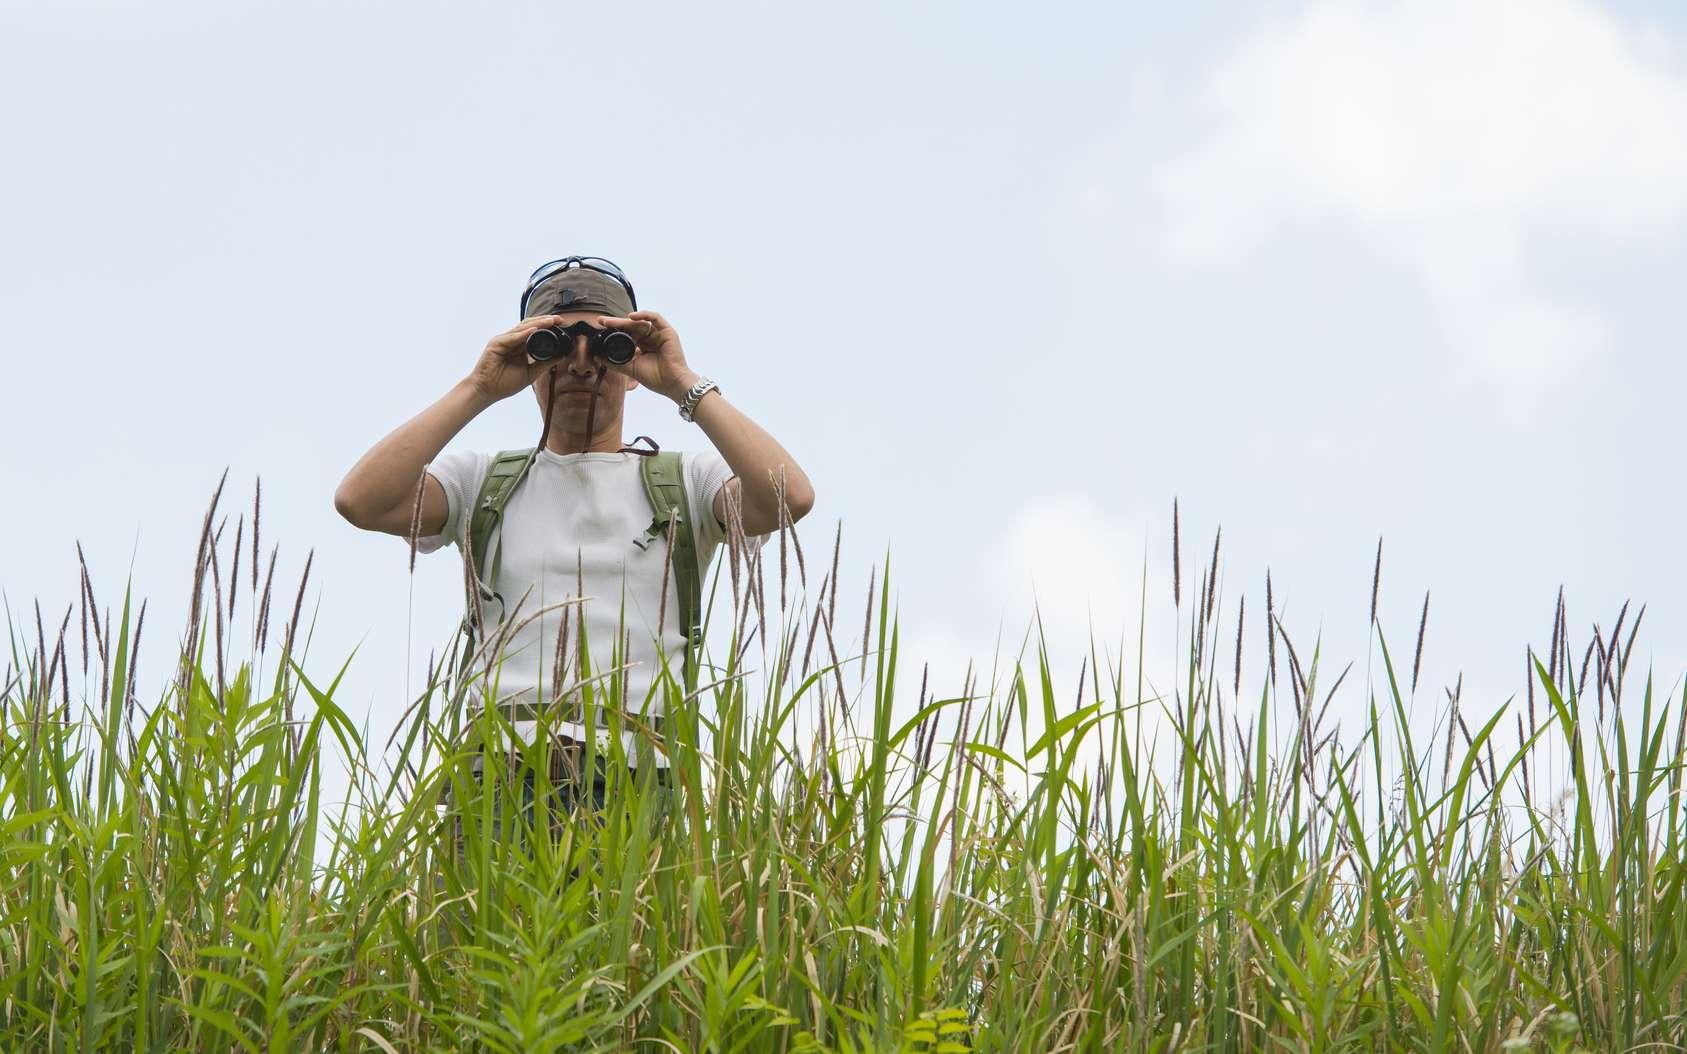 L'observateur de la nature l'admire par plaisir mais il peut aussi aider la science. © hakase420, Fotolia